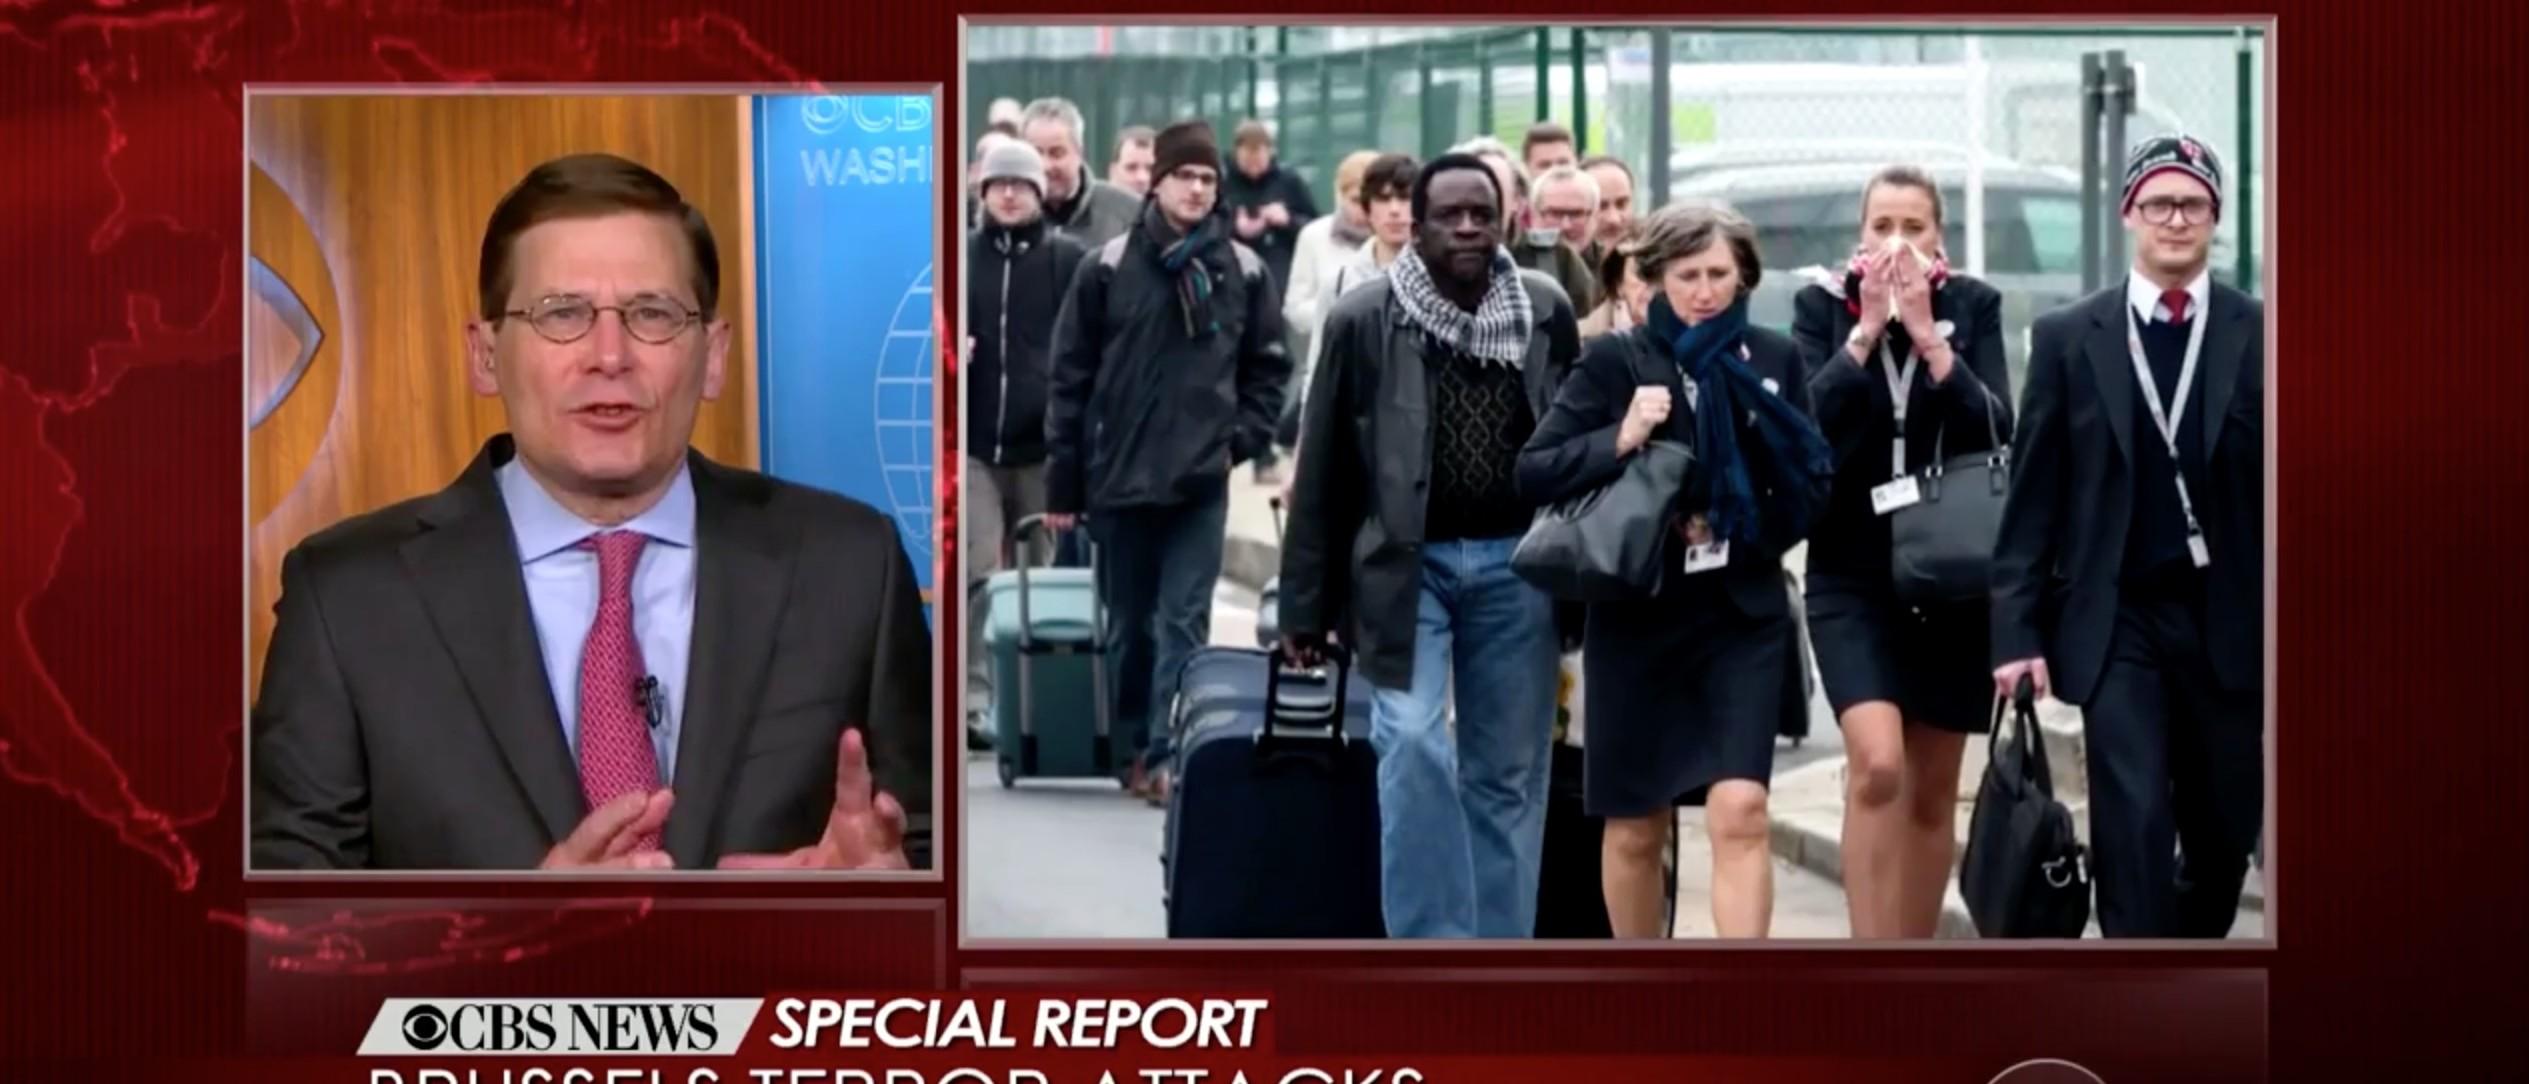 Michael Morell, Screen Shot CBS News, 3-22-2016